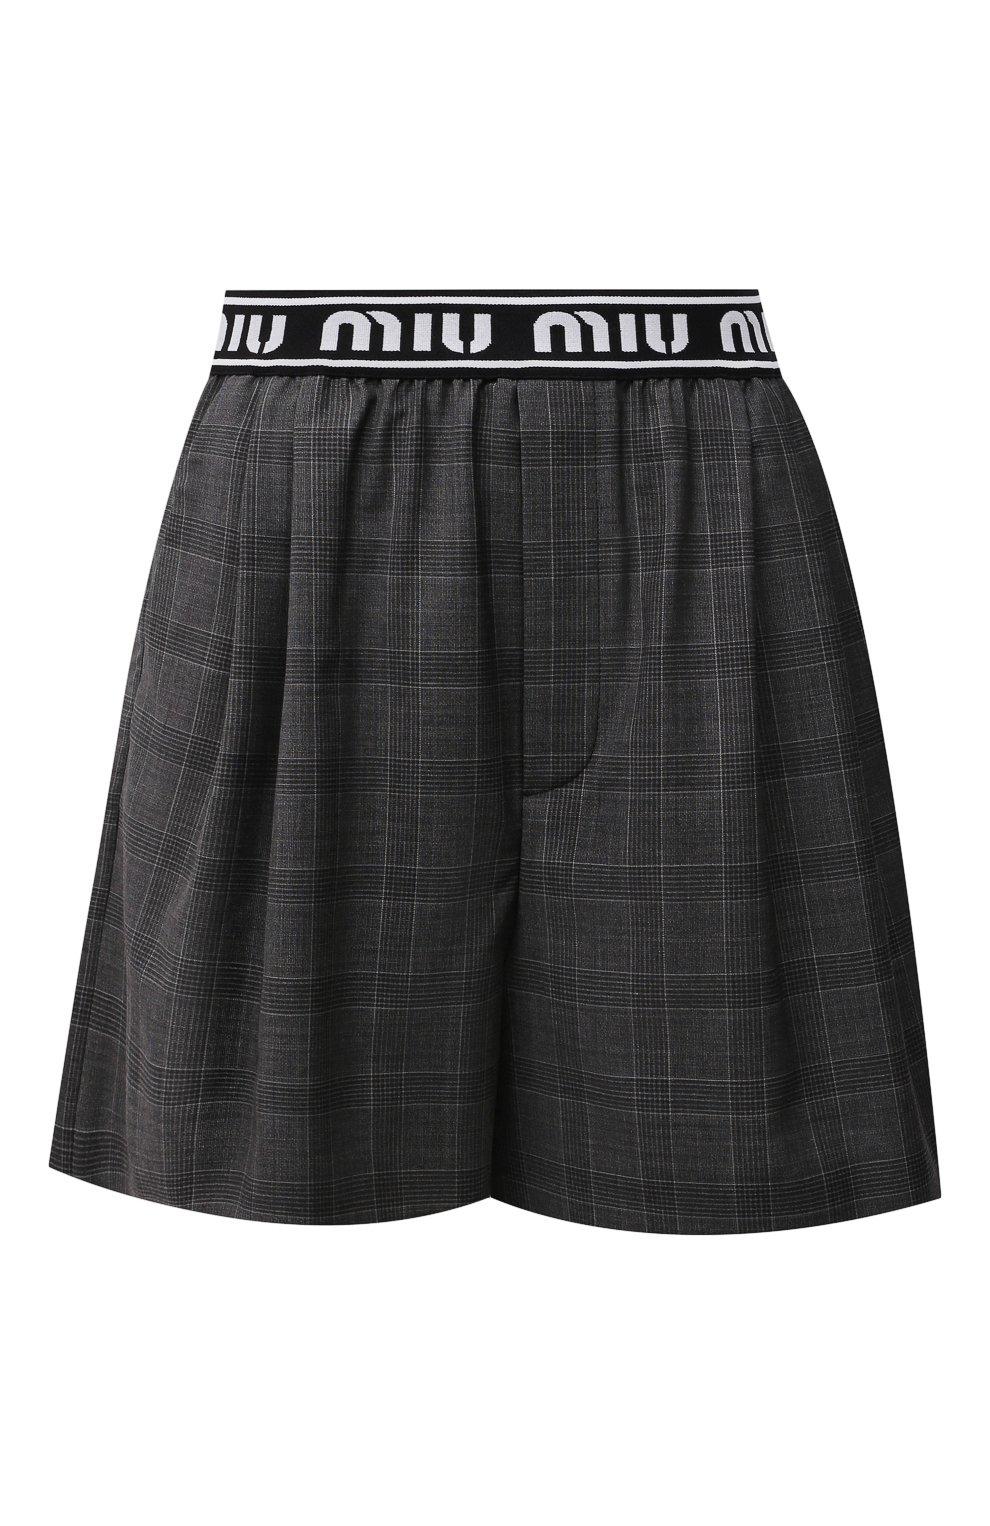 Женские шерстяные шорты MIU MIU темно-серого цвета, арт. MP1431-1UK2-F0480 | Фото 1 (Женское Кросс-КТ: Шорты-одежда; Материал внешний: Шерсть; Длина Ж (юбки, платья, шорты): Мини; Кросс-КТ: Широкие; Стили: Спорт-шик)